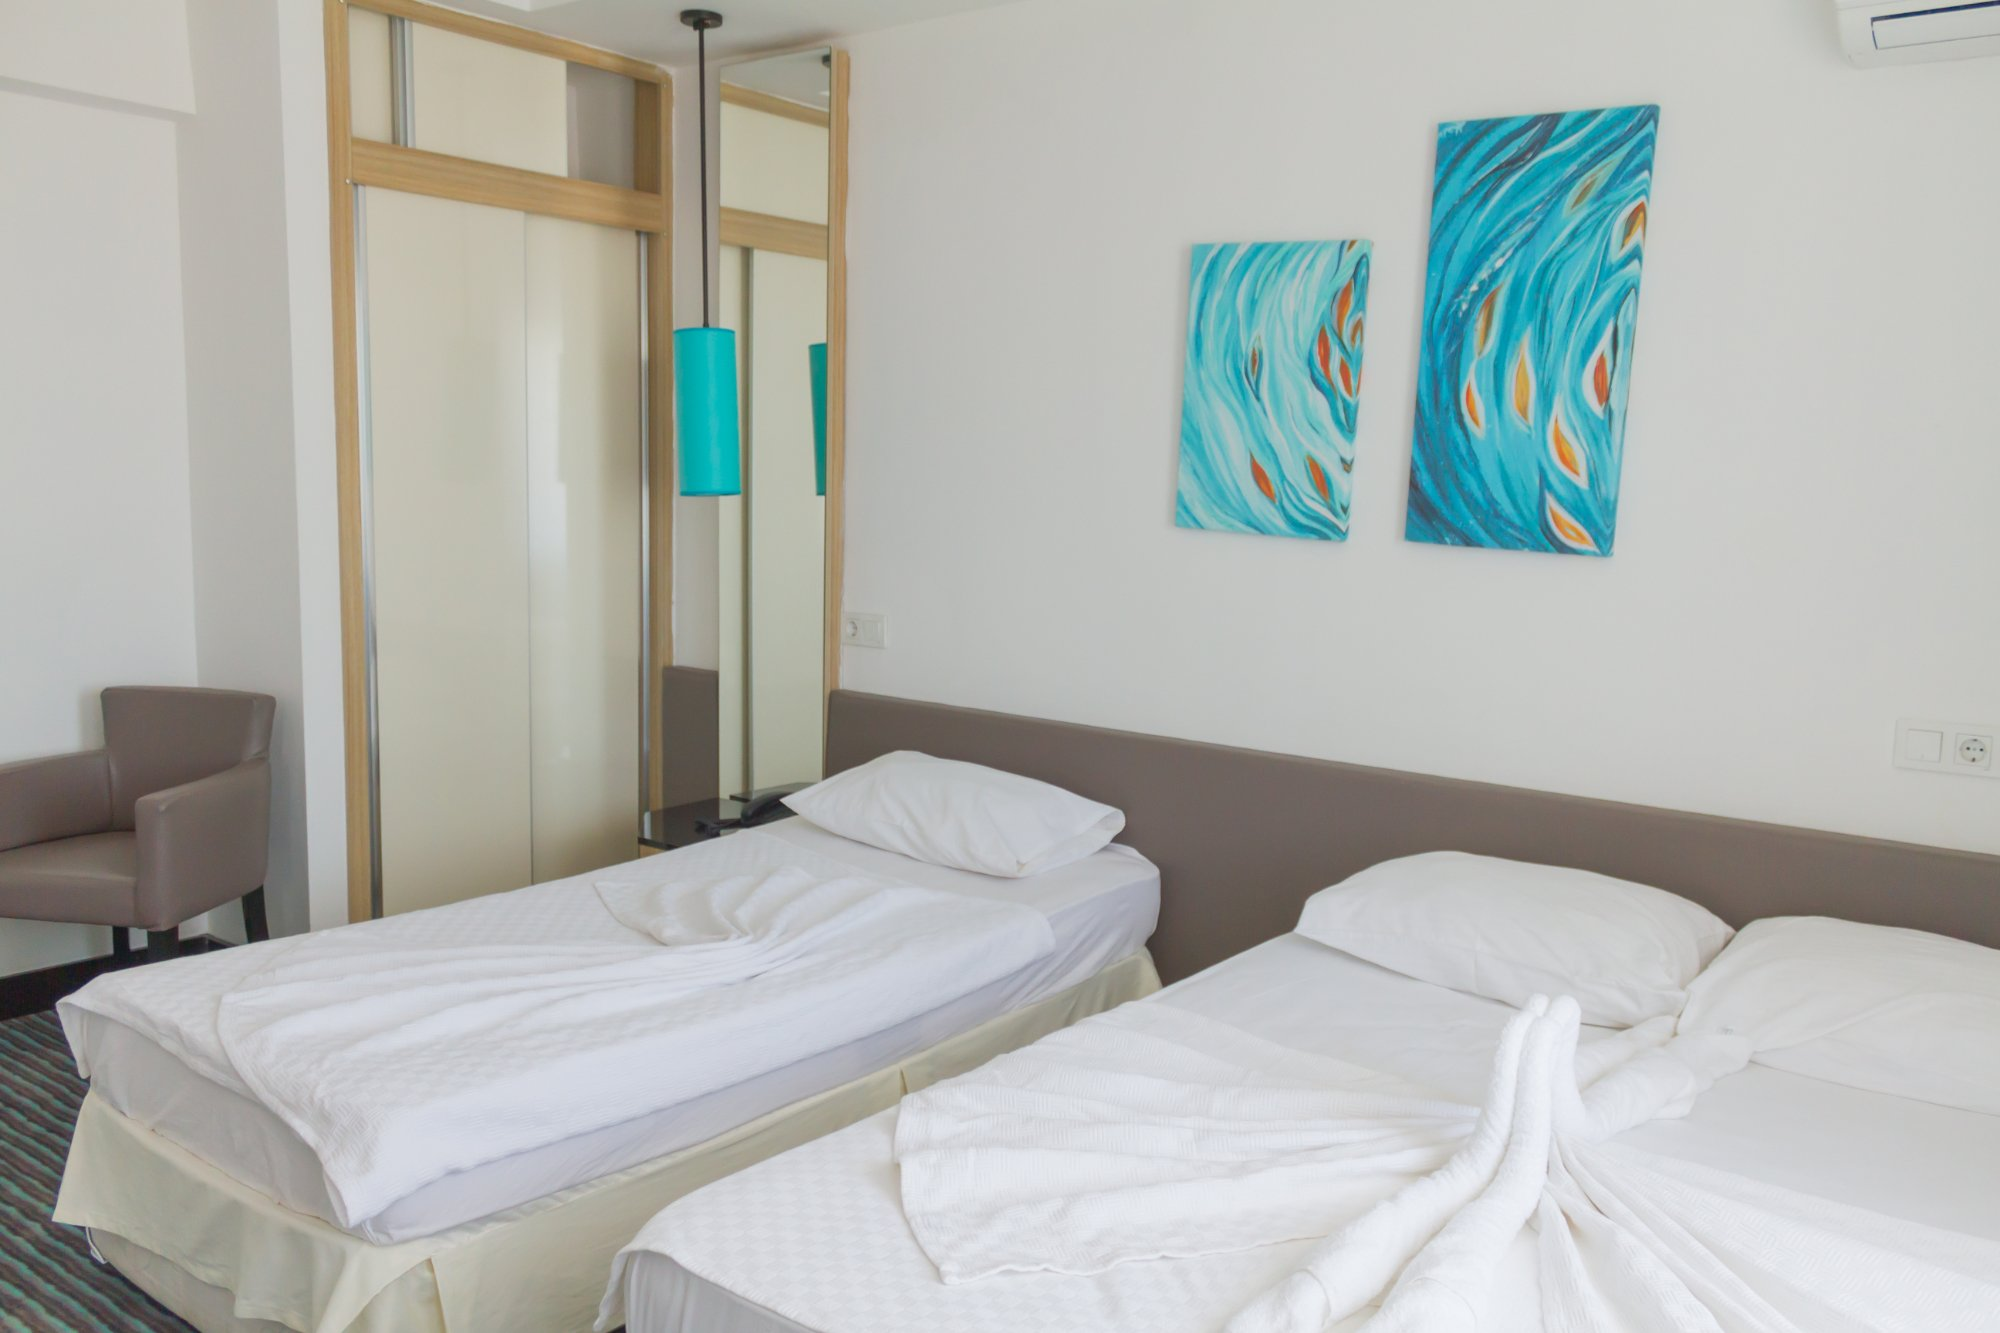 hotel-amfora-sarimsakli-turska